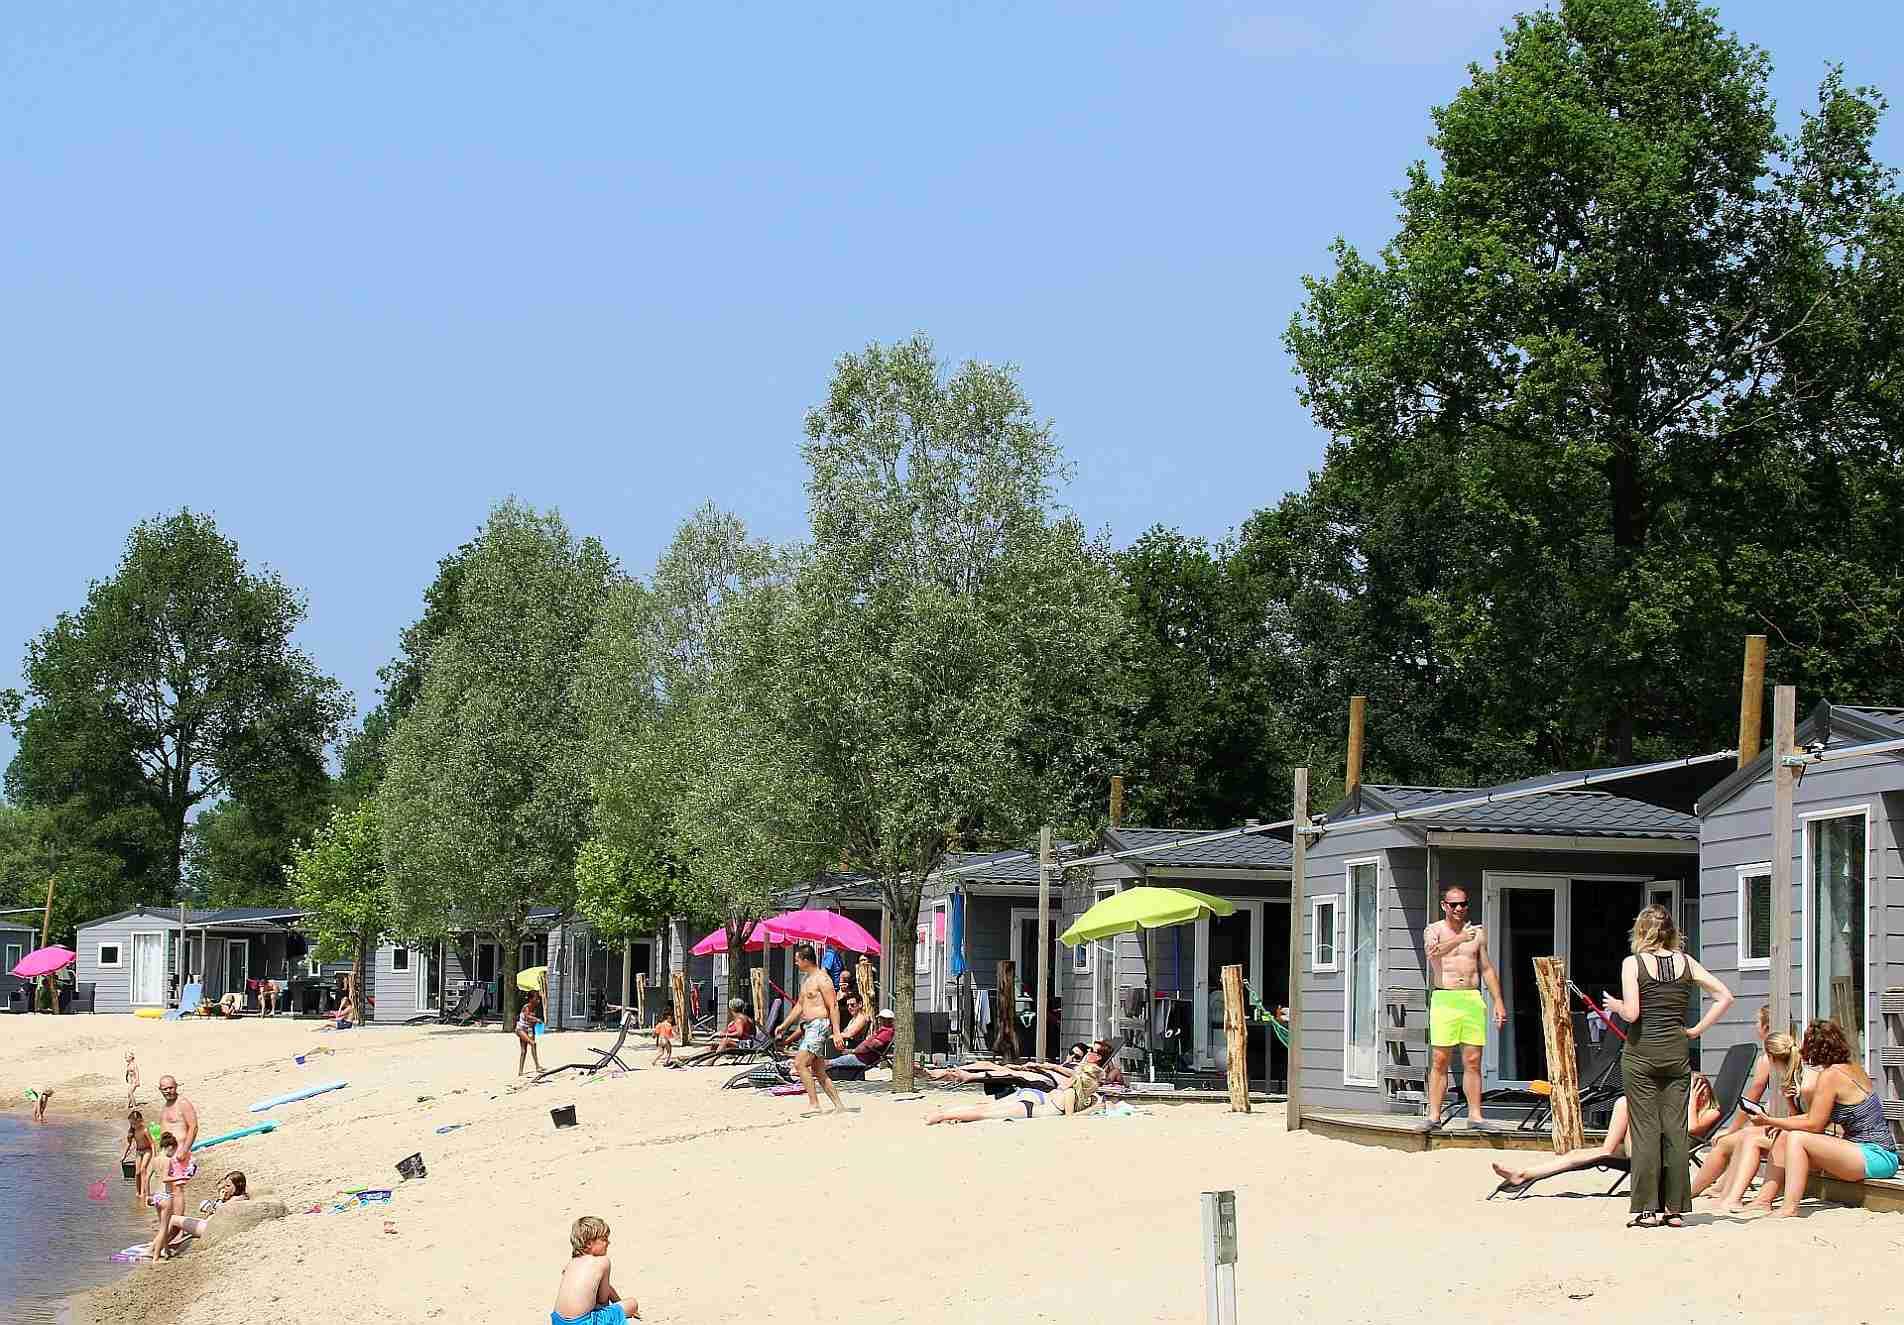 Strandchalet met terras aan het water - Strandchalet boeken in Overijssel